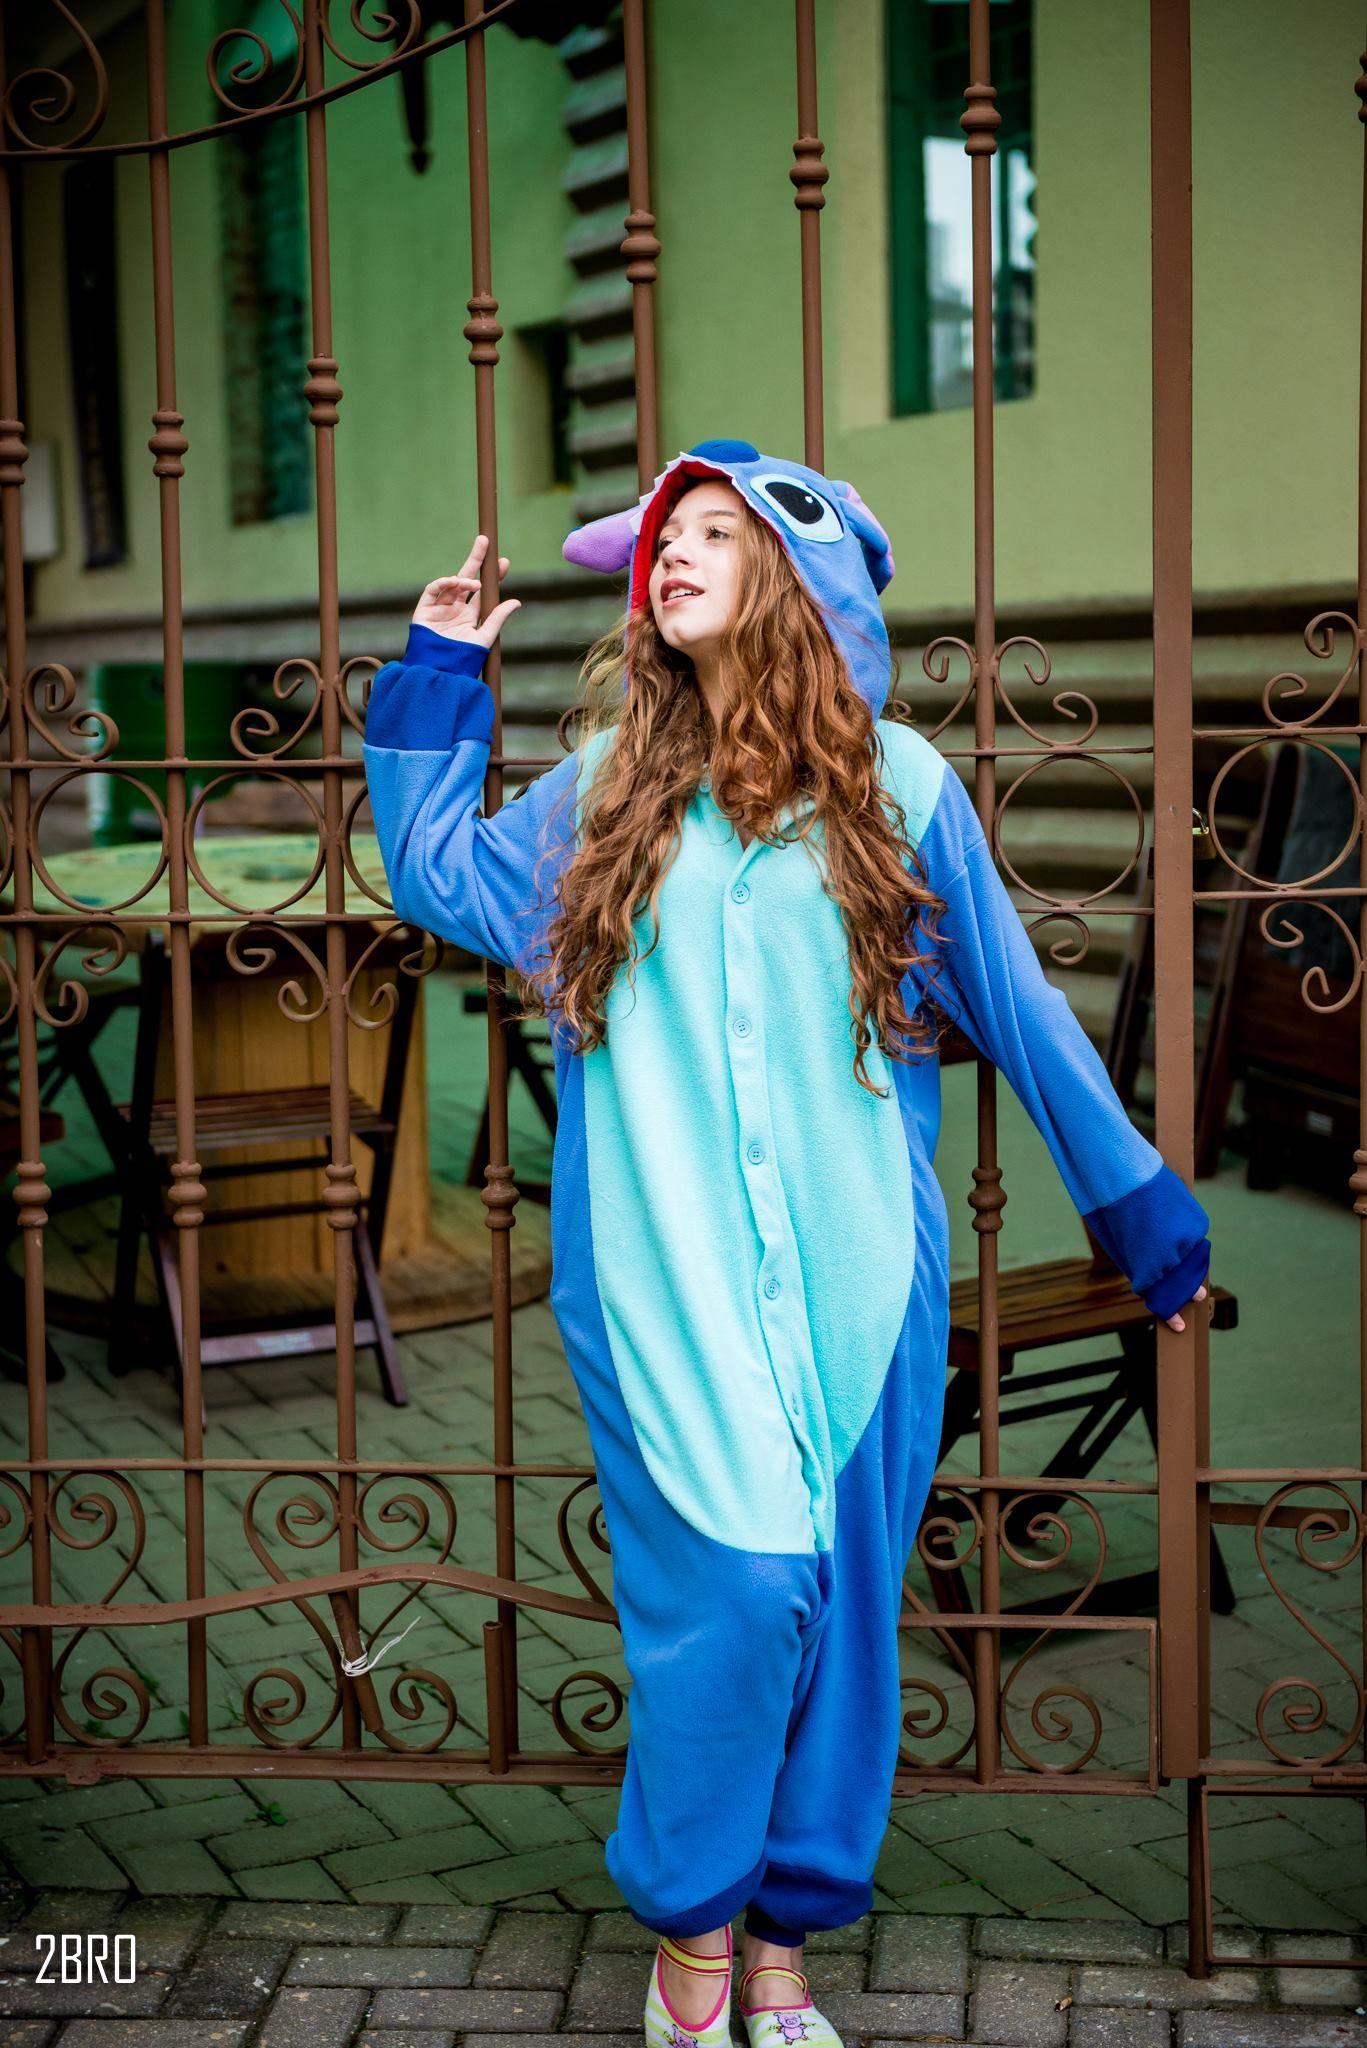 Tumblr Girl Ensaio Teen Stitch Lilo Pijama  Tumblr -1964